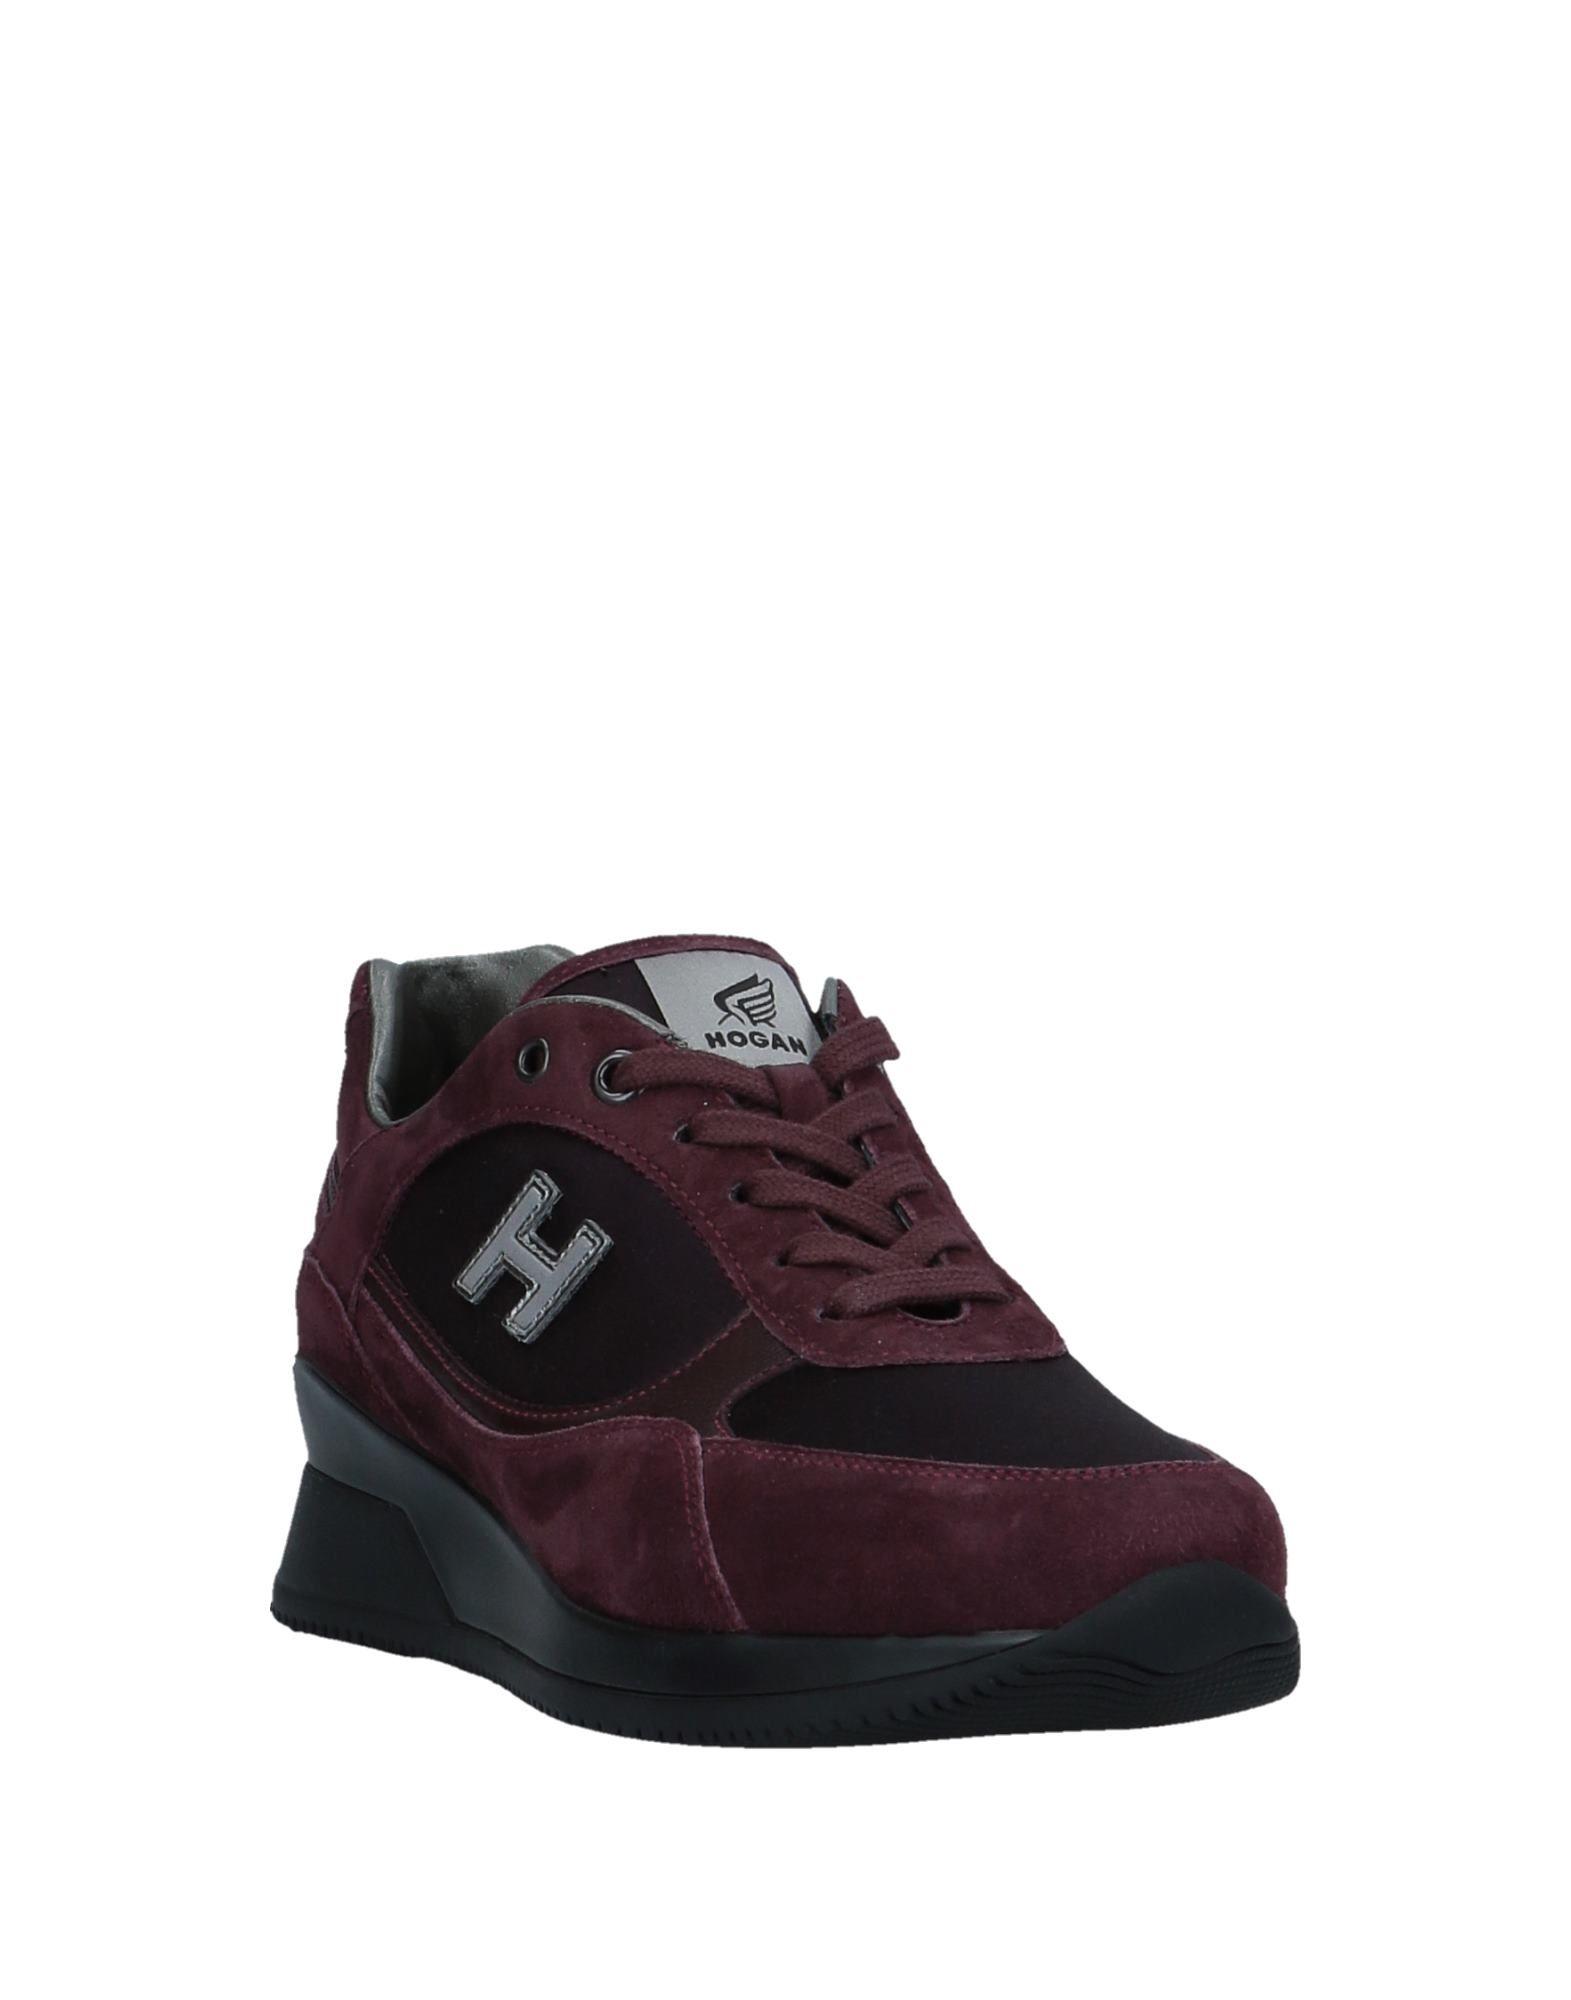 Hogan Sneakers Damen  11289042ENGünstige Schuhe gut aussehende Schuhe 11289042ENGünstige d26b9a